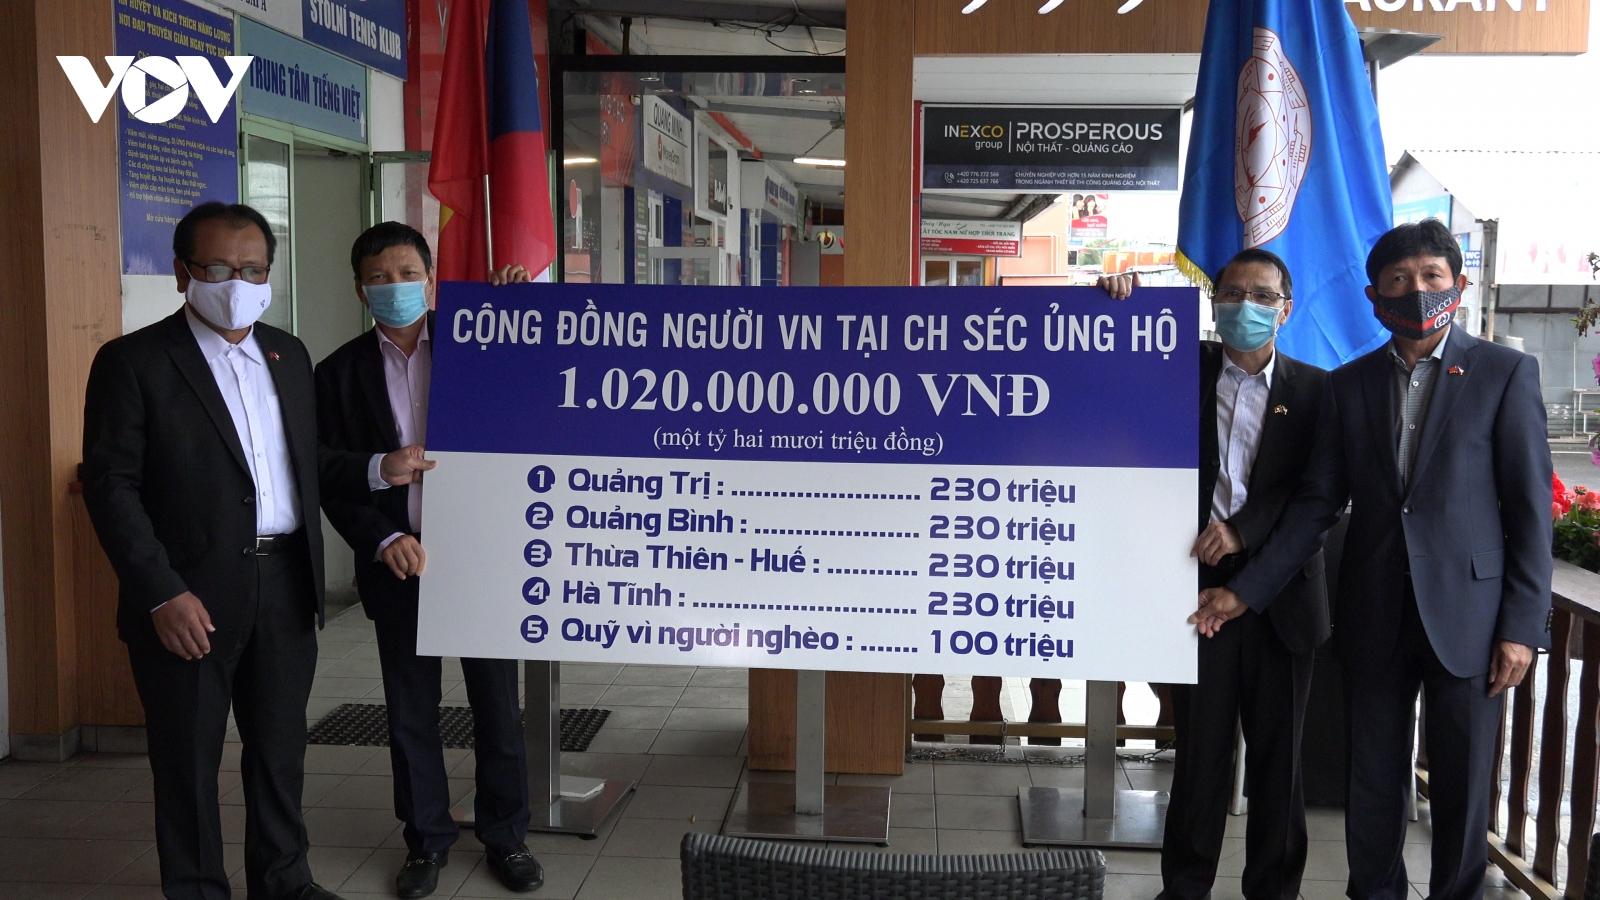 Cộng đồng người Việt tại Séc quyên góp hơn 1 tỷ đồng ủng hộ đồng bào miền Trung